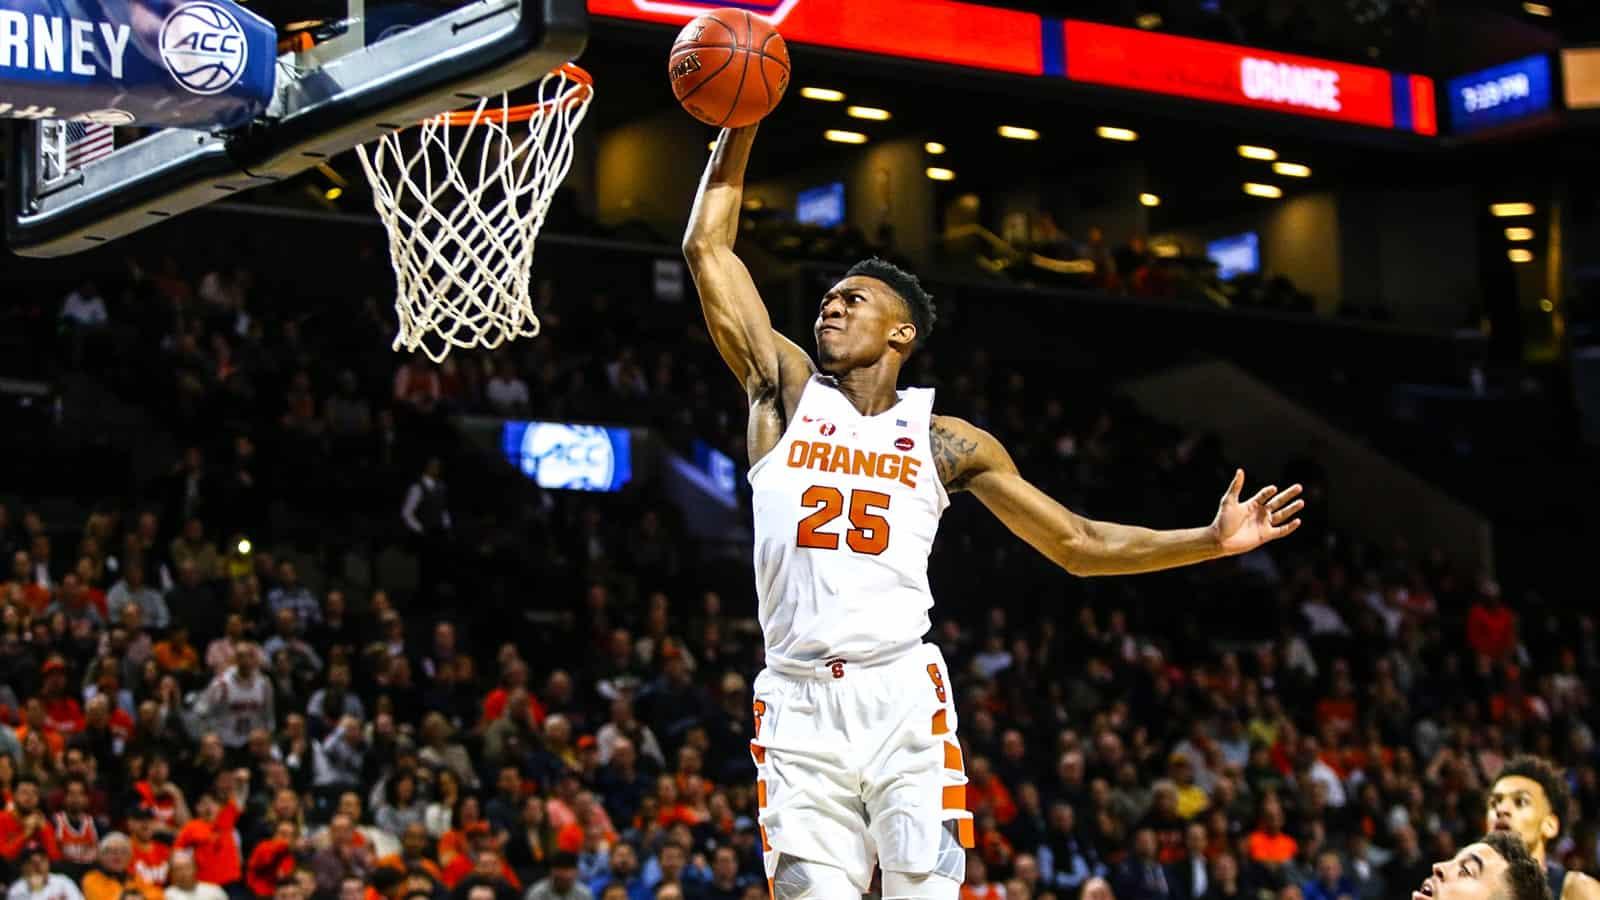 18. Syracuse pronta a sorprendere ancora